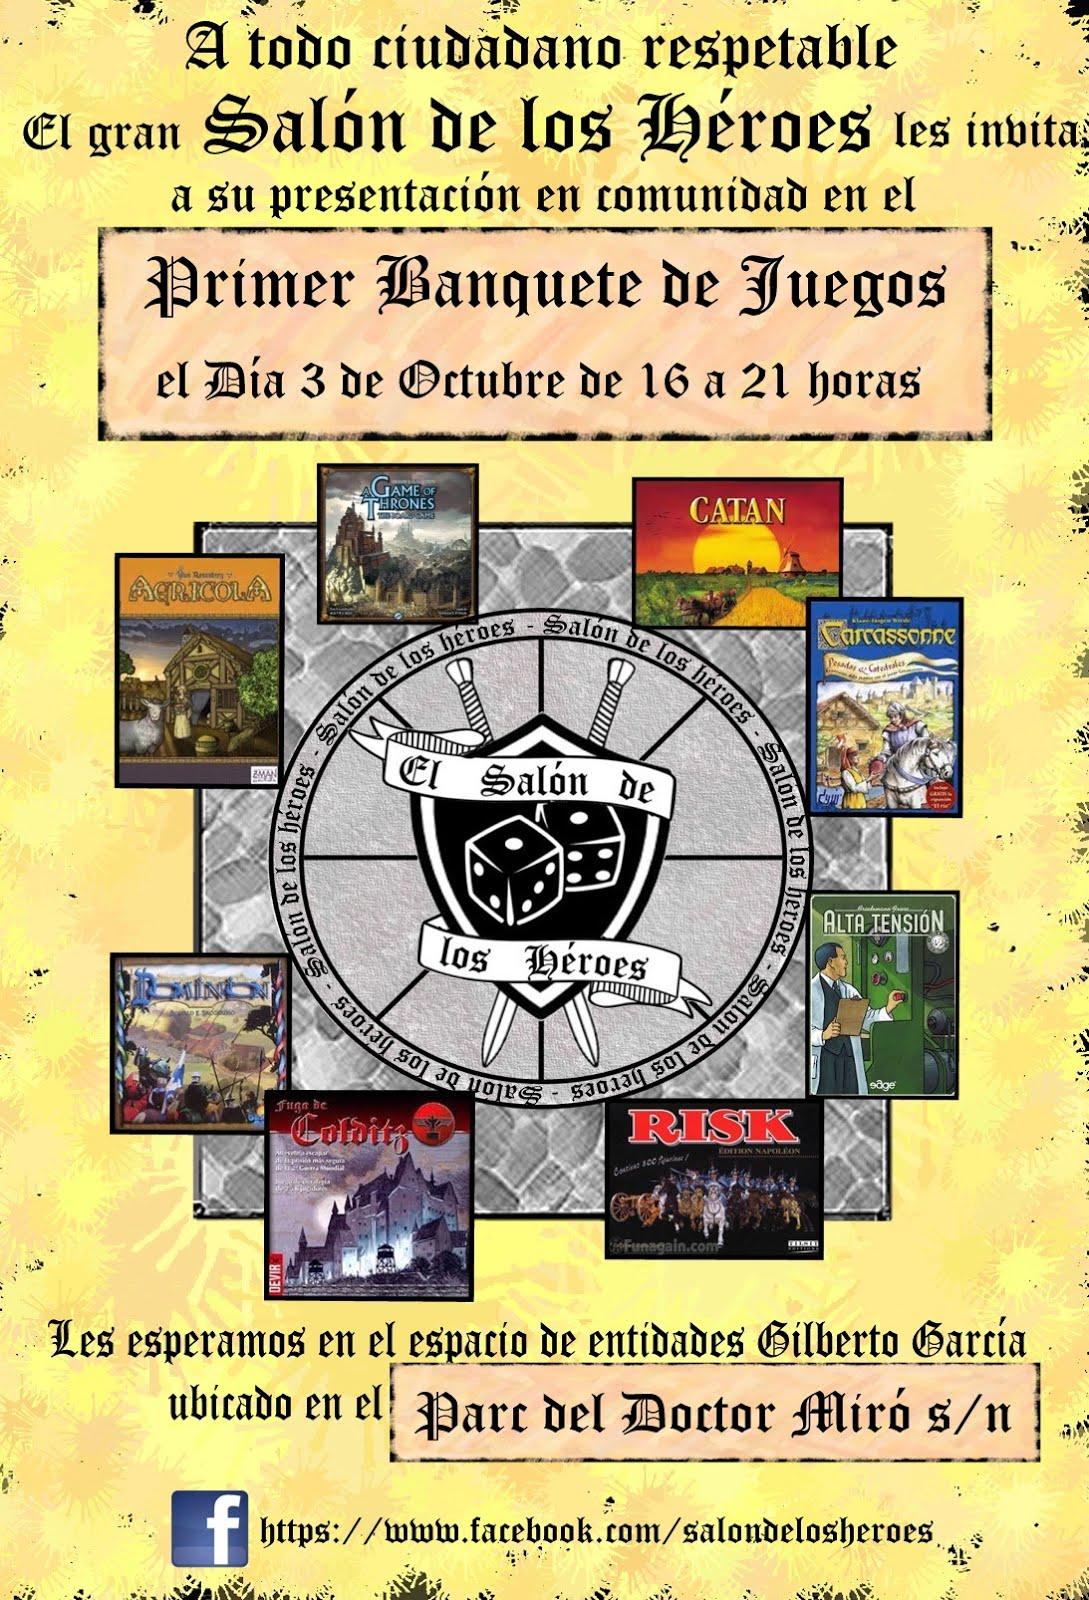 Primer Banquete de Juegos